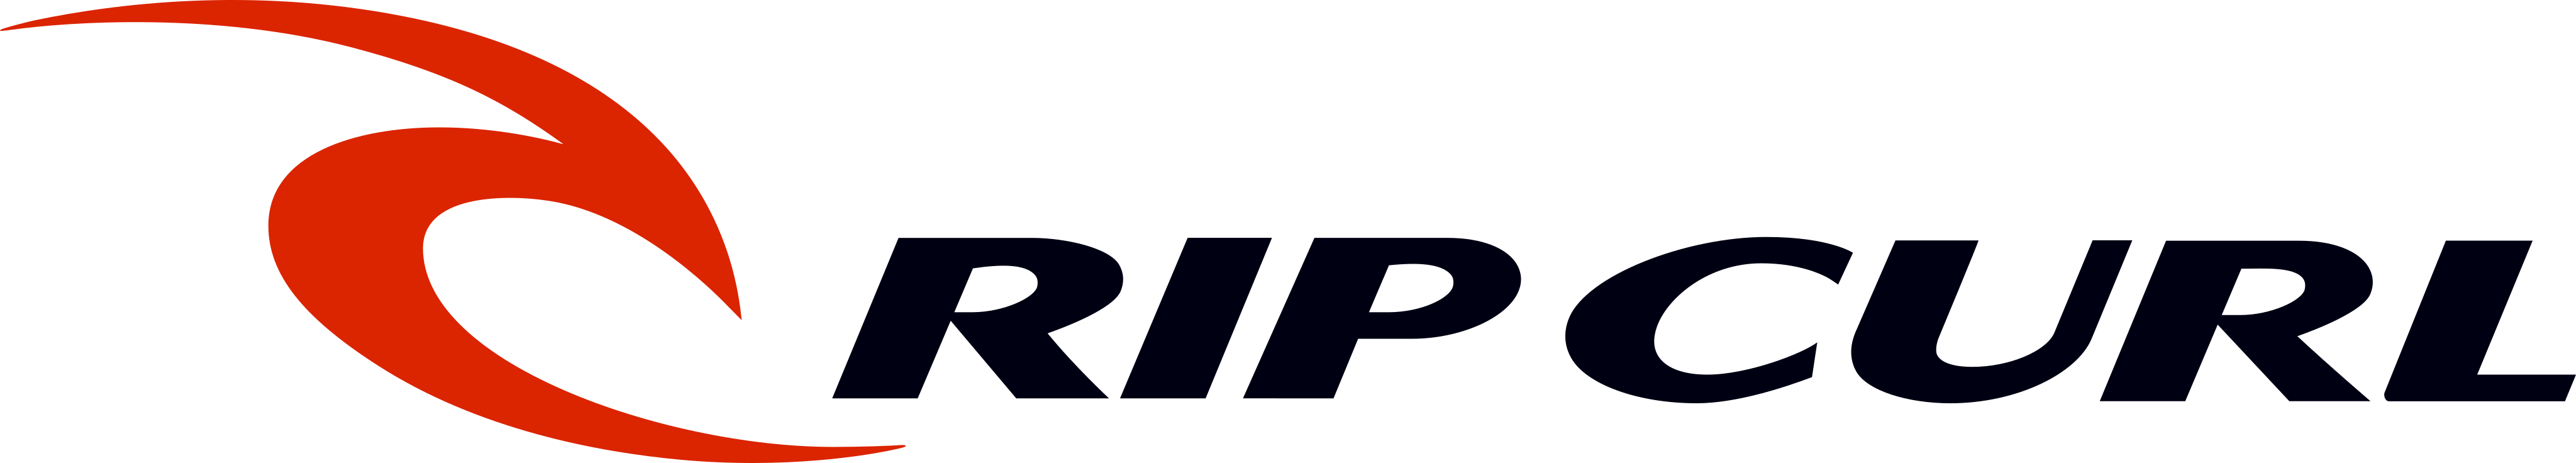 rip curl logo 1 - Rip Curl Logo